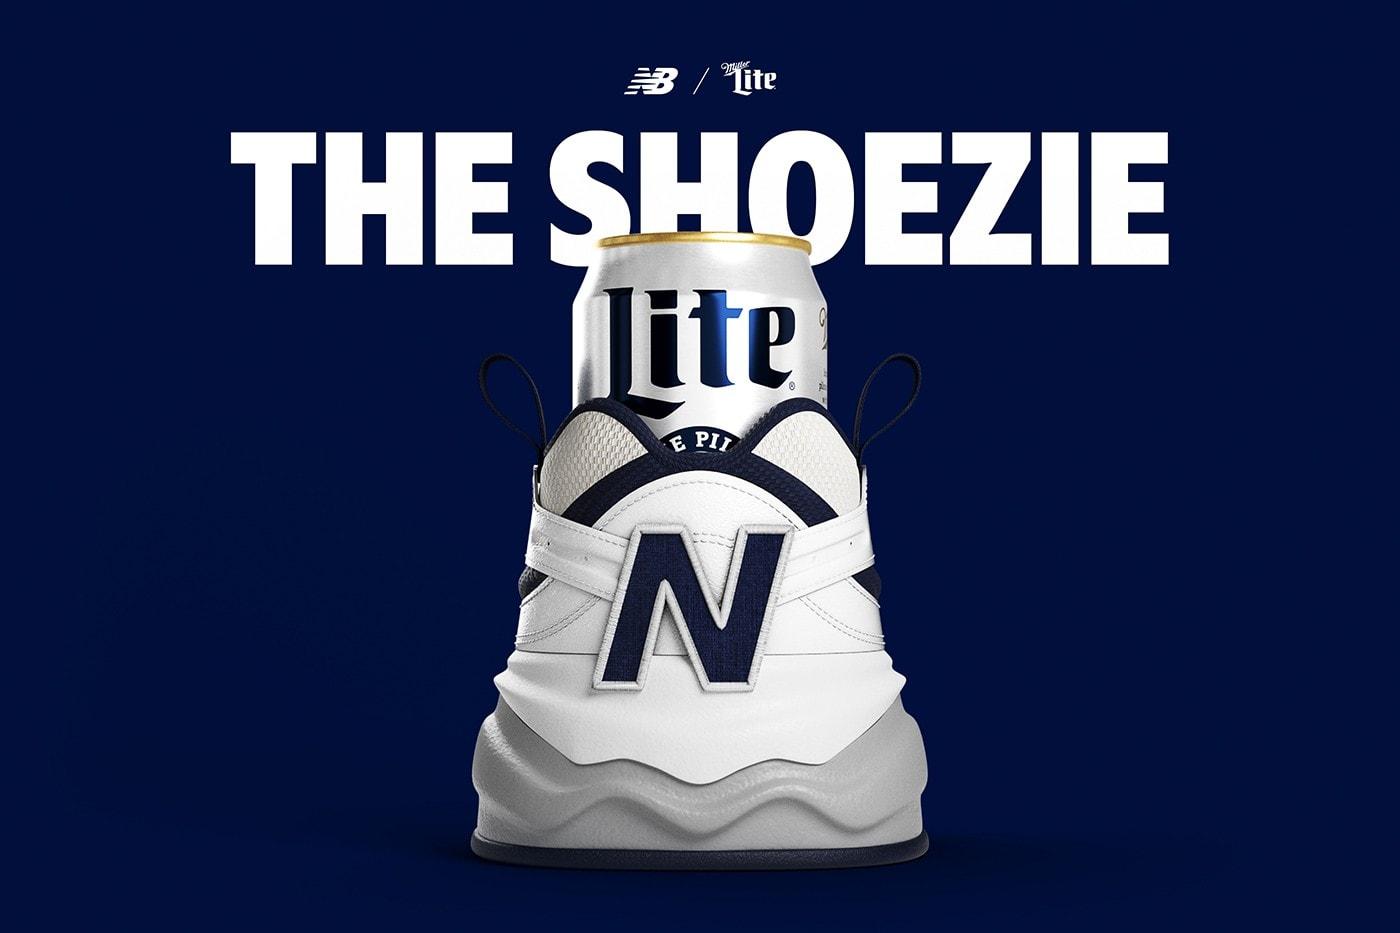 ニューバランスとビールメーカー ミラーがスニーカーを模したクージーを開発 Miller Lite New Balance Shoezie Release Info